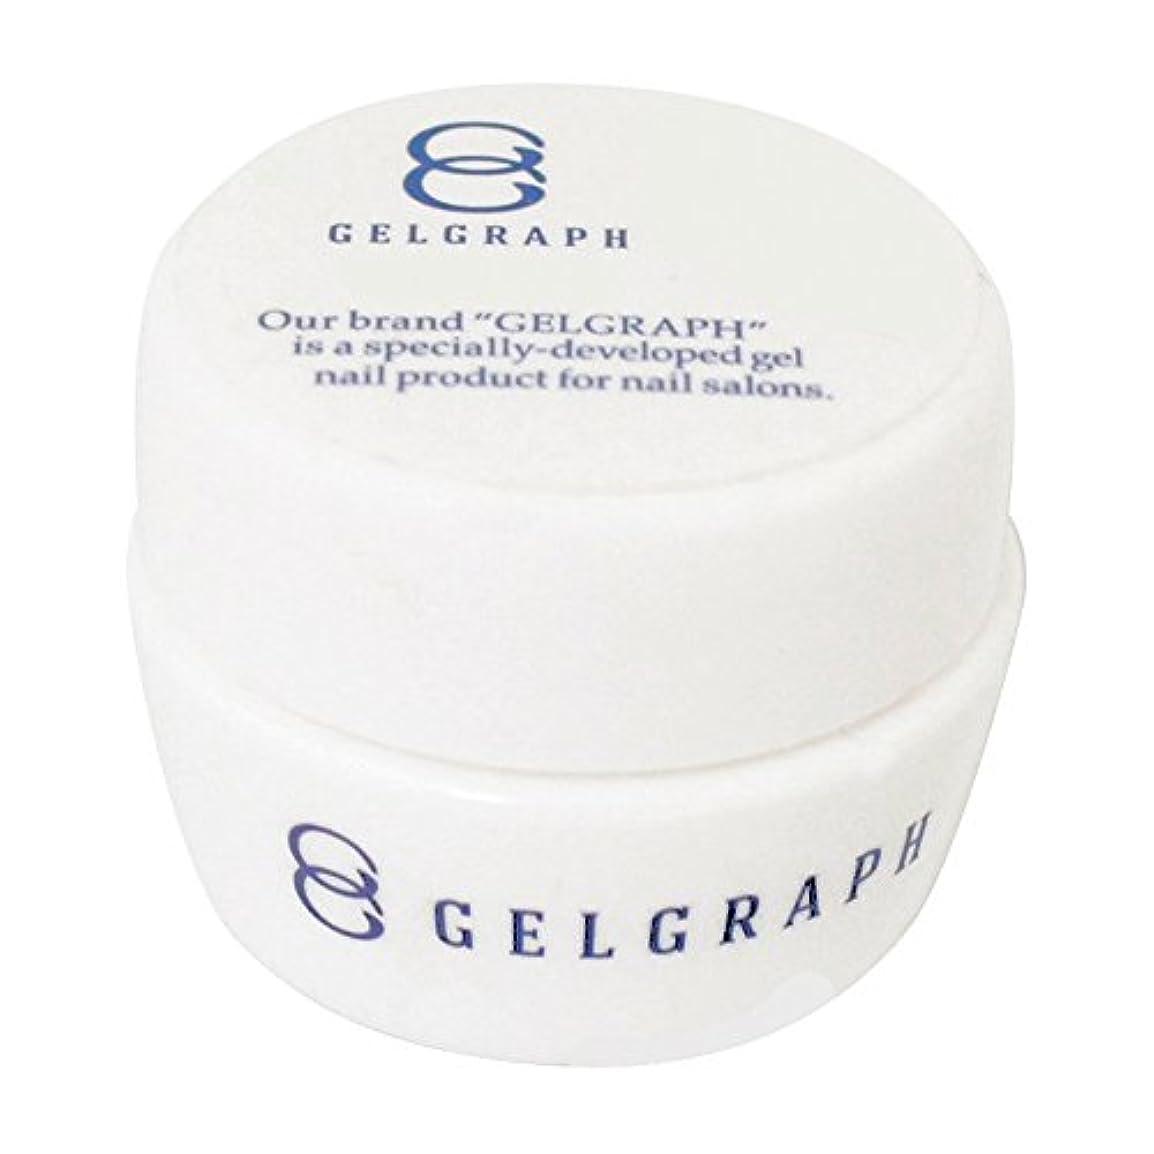 振る舞いピンク福祉GELGRAPH(ジェルグラフ) GELGRAPH カラージェル 216SG クリスティーヌ 5g UV/LED対応 ジェルネイル